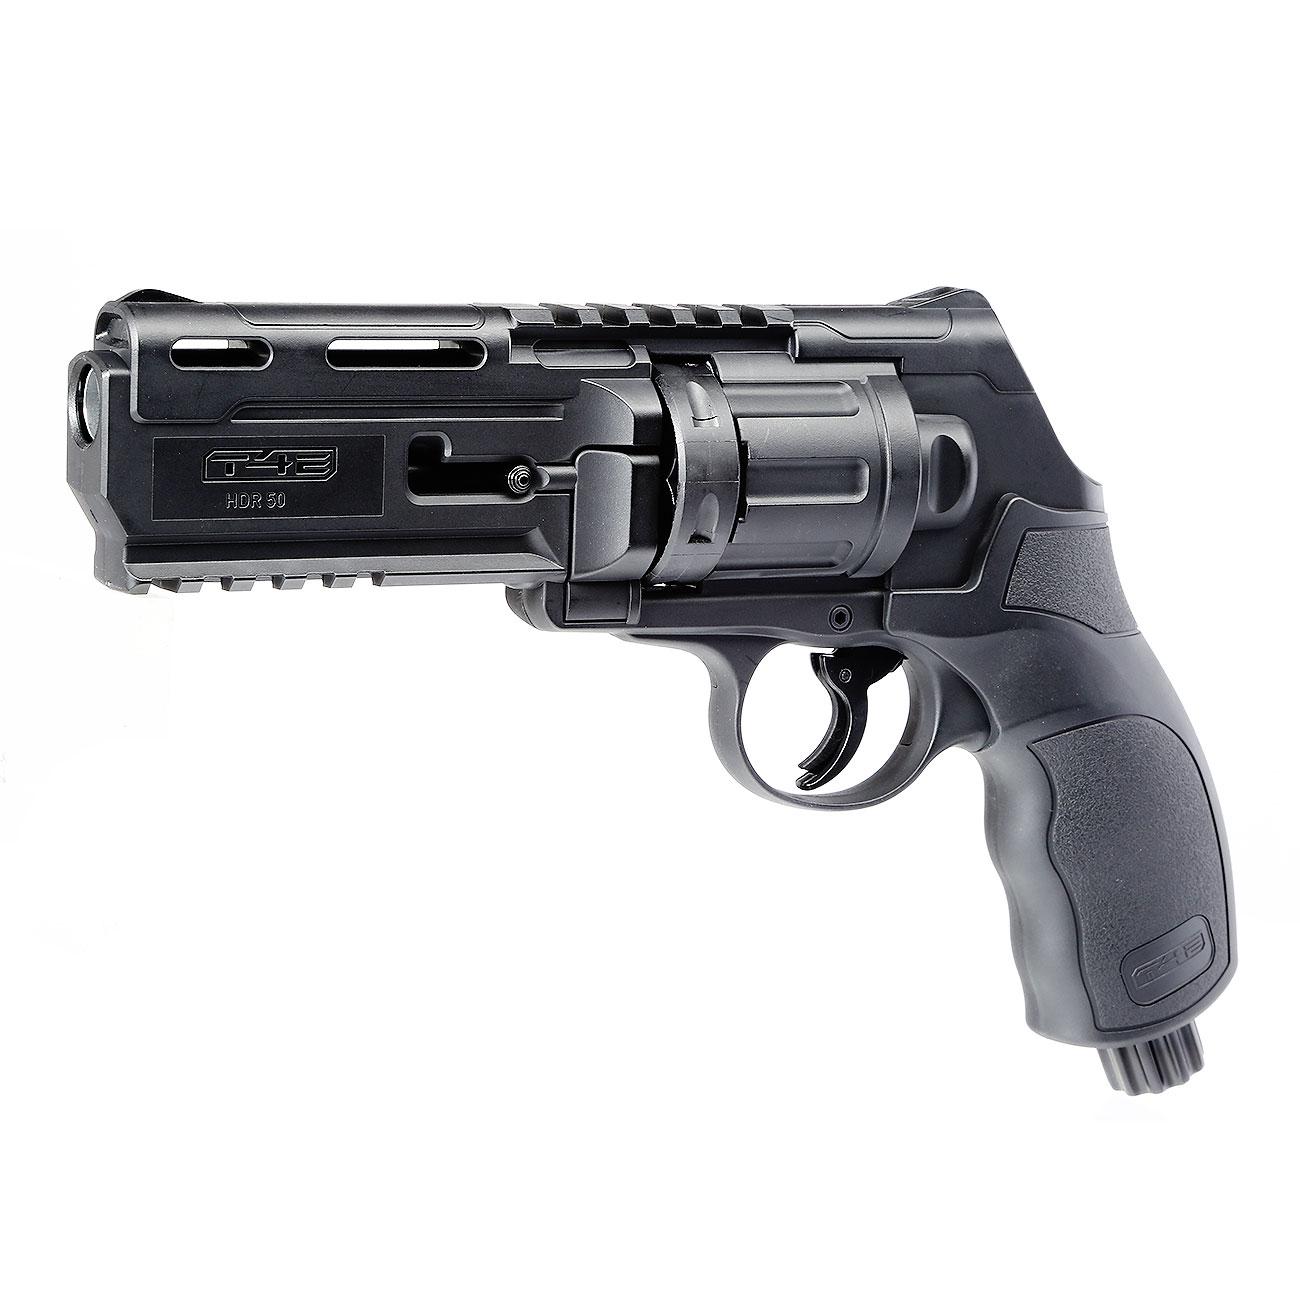 Umarex 50 Stück 12g CO2 Kapseln Softair Paintball Druckluftwaffen Luftgewehr Luftpistole